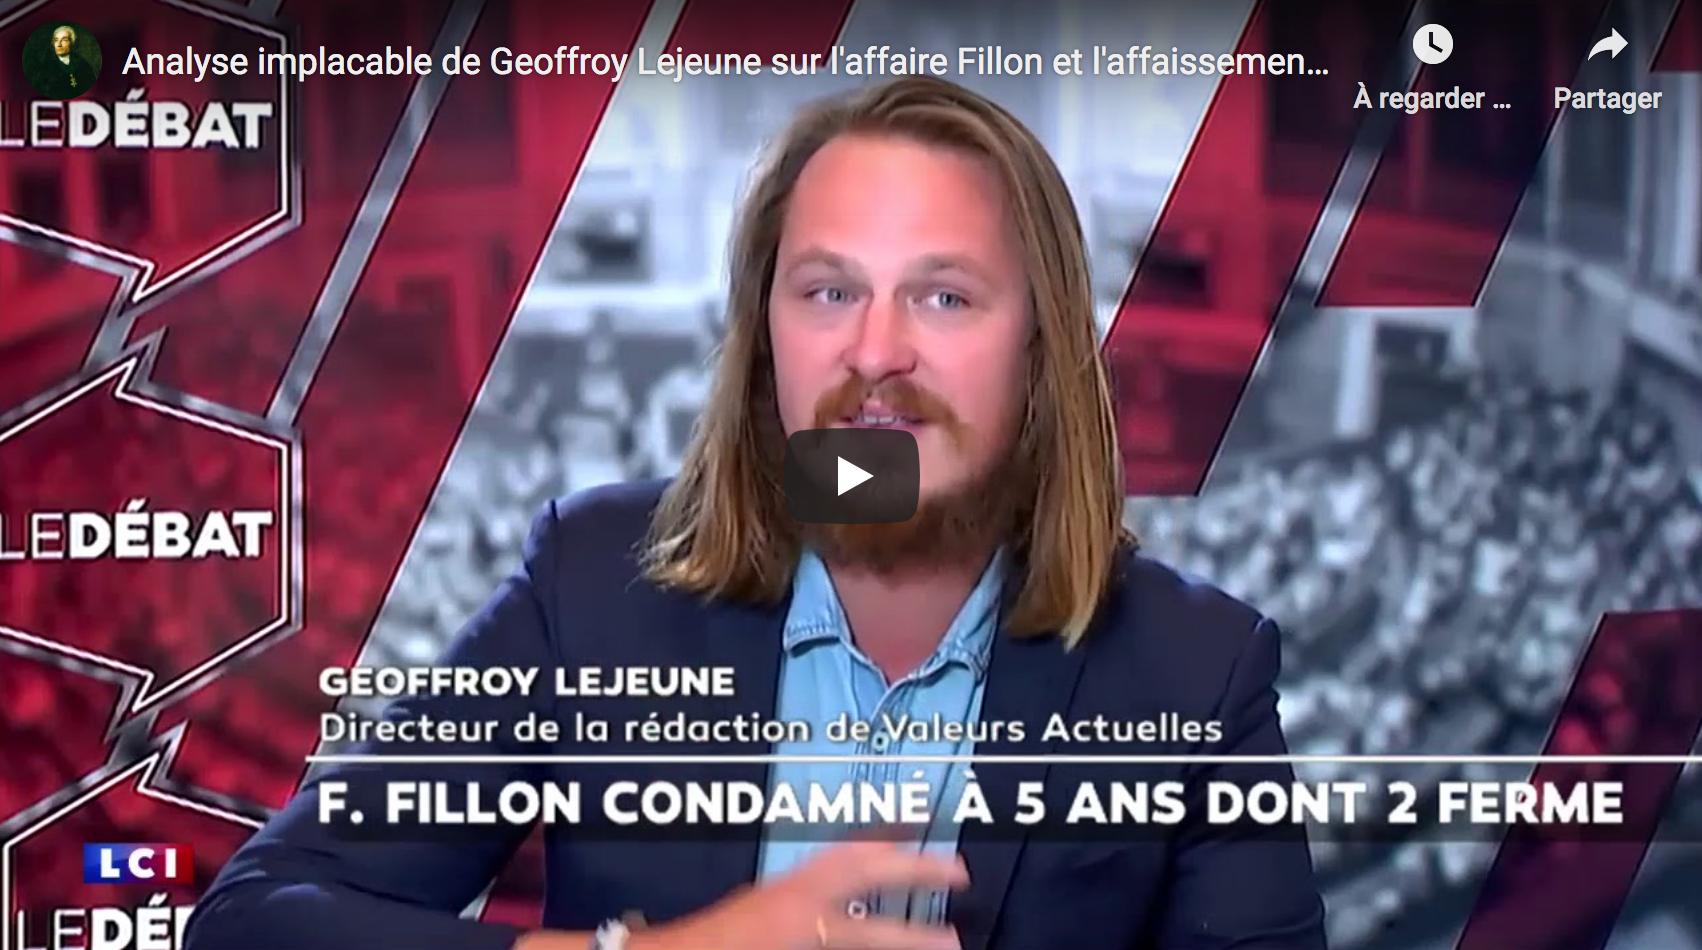 Analyse implacable de Geoffroy Lejeune sur l'affaire Fillon et l'affaissement du pouvoir politique (VIDÉO)